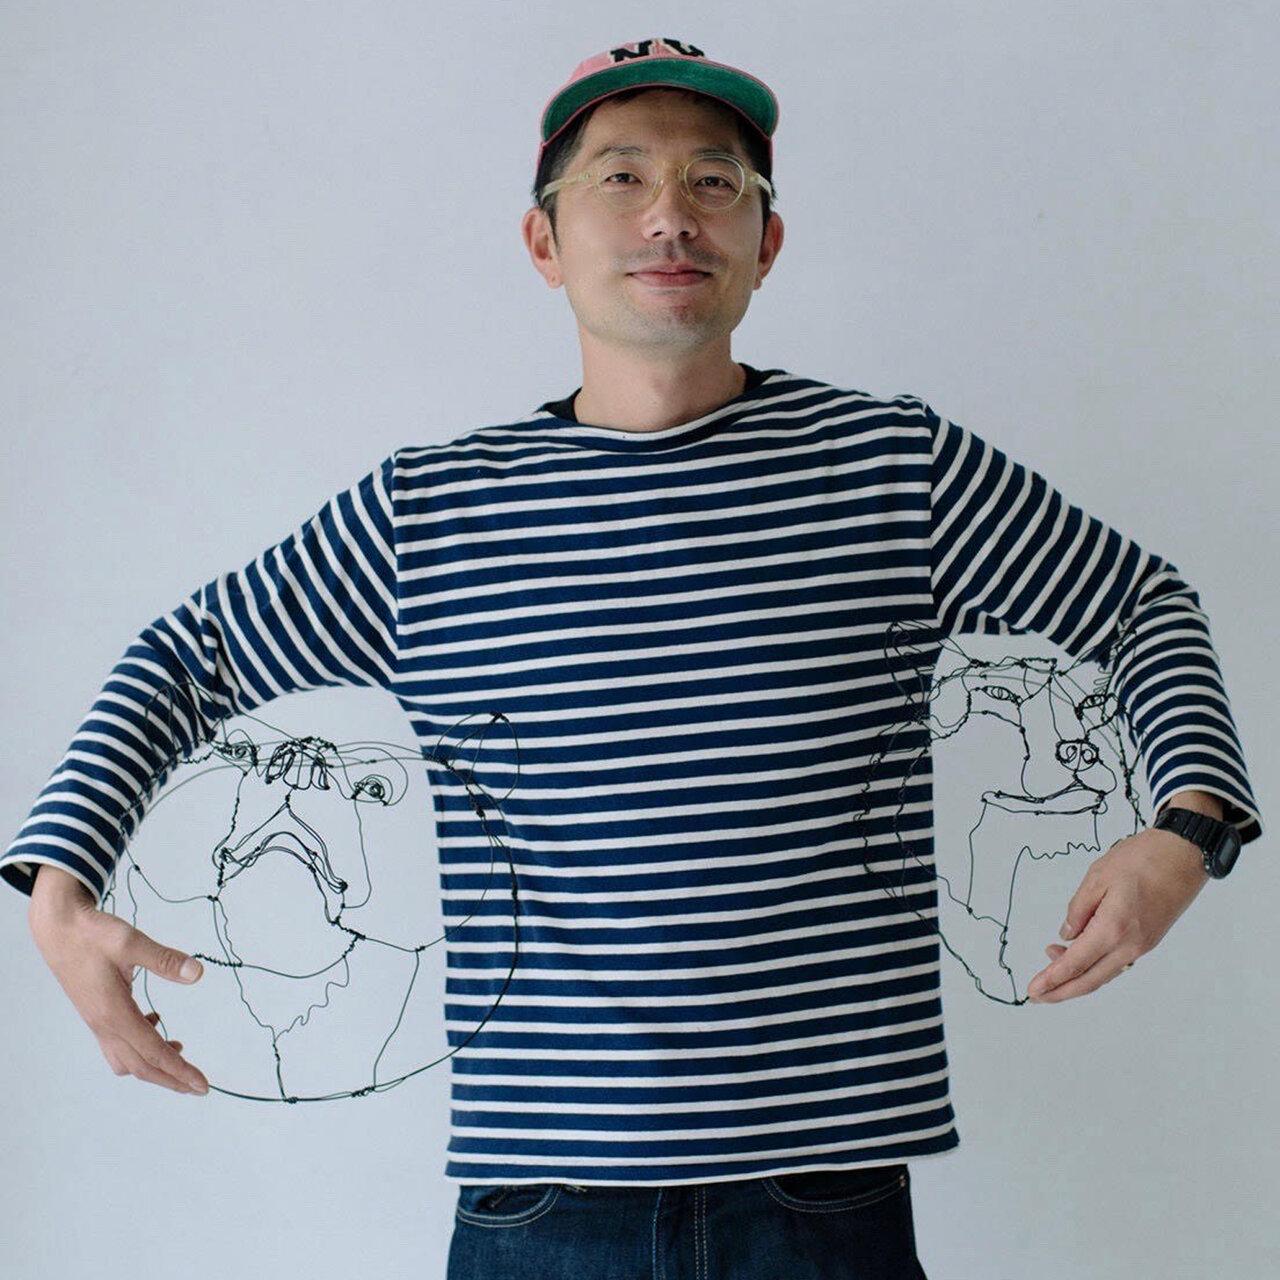 Profile 1976年、茨城県生まれ。2015年、ワイヤーアートの制作を開始。ワイヤーアニマルヘッドという独自のスタイルを生み出す。17年、青参道アートフェアにて作家デビュー。現在は、ホテルロビーや公共施設のディスプレイ、パブリックアート、有名ミュージシャンのCDジャケットへの作品提供、テキスタイルのデザインなど多岐に活動中。